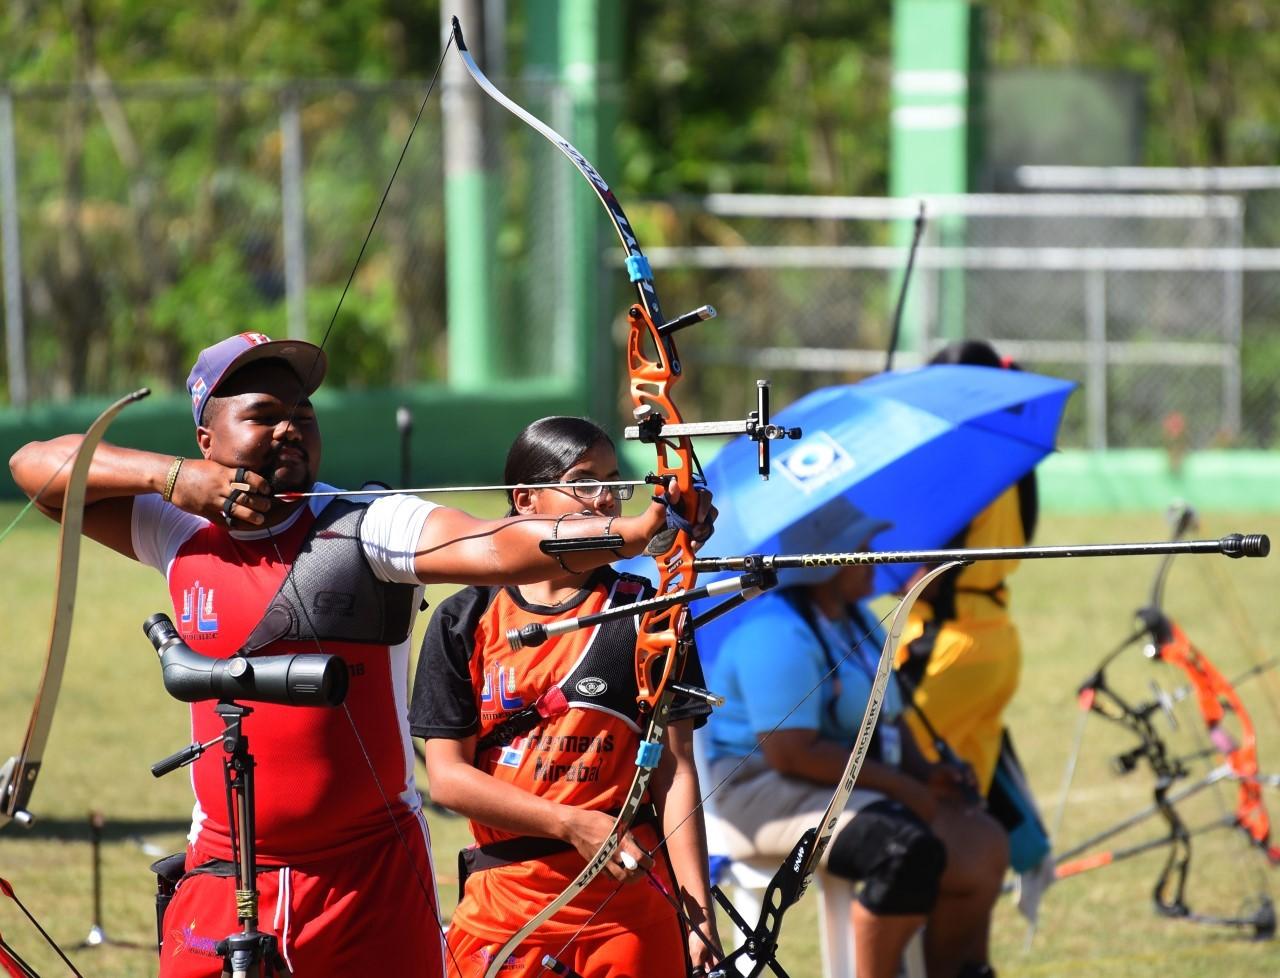 Arqueros se disputarán Copa Duarte de Tiro con Arco este domingo